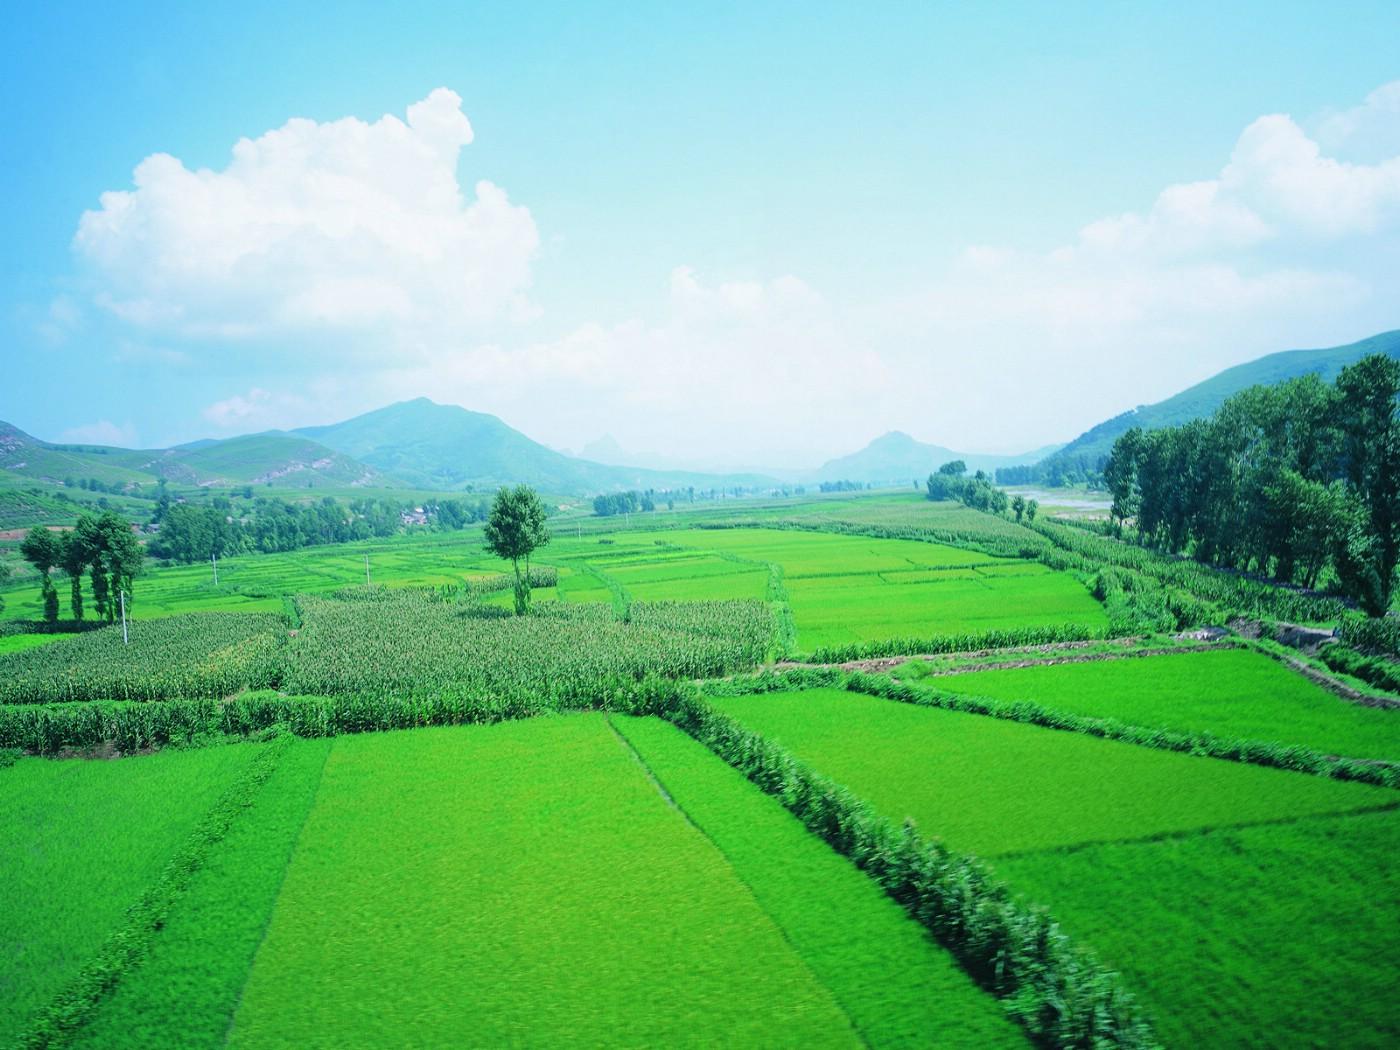 绿色竹林护眼桌面壁纸【绿色风景高清电脑壁